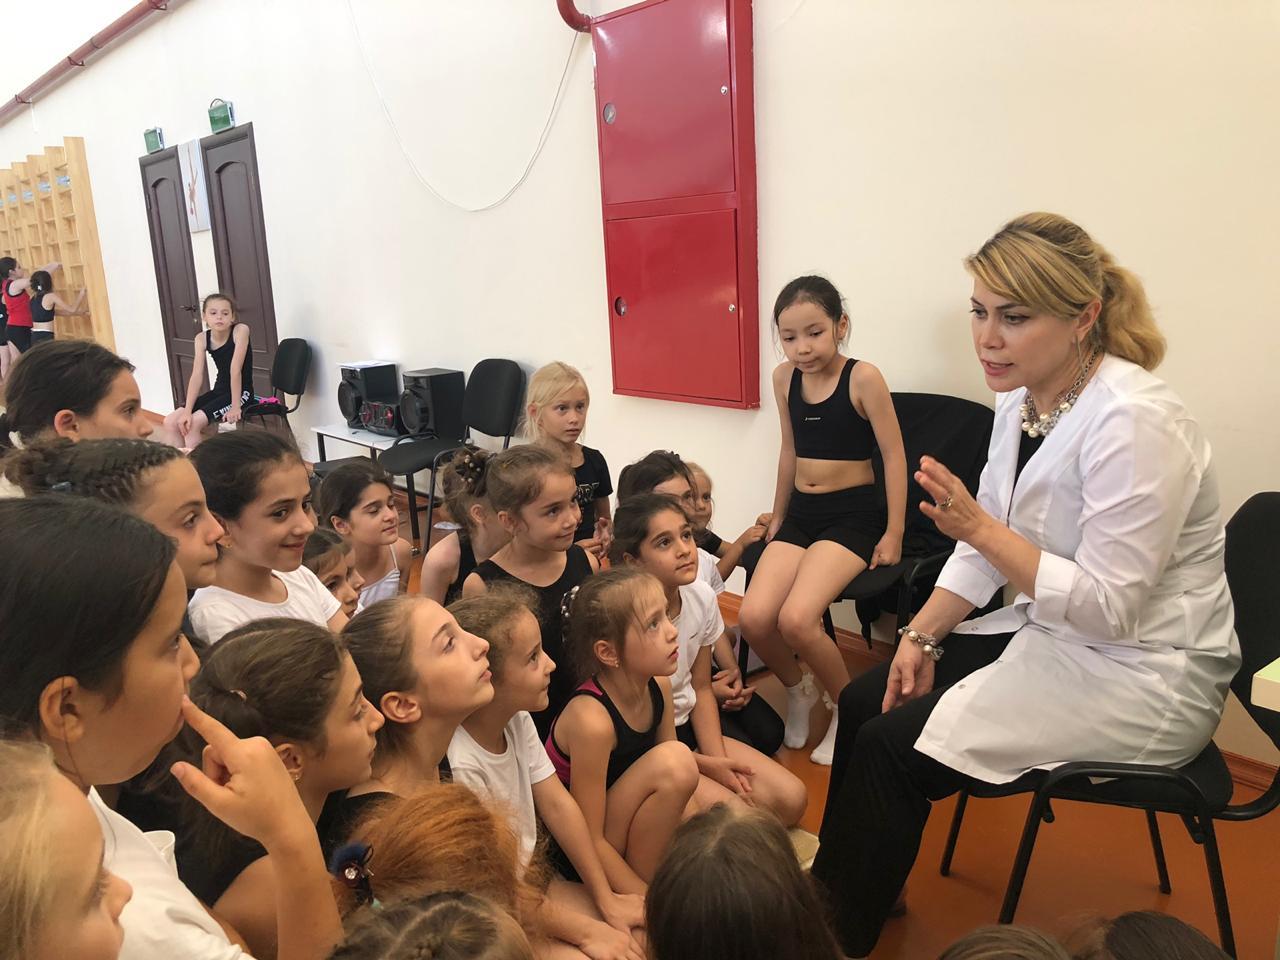 С юными гимнастками провели беседу о репродуктивном здоровье девочек